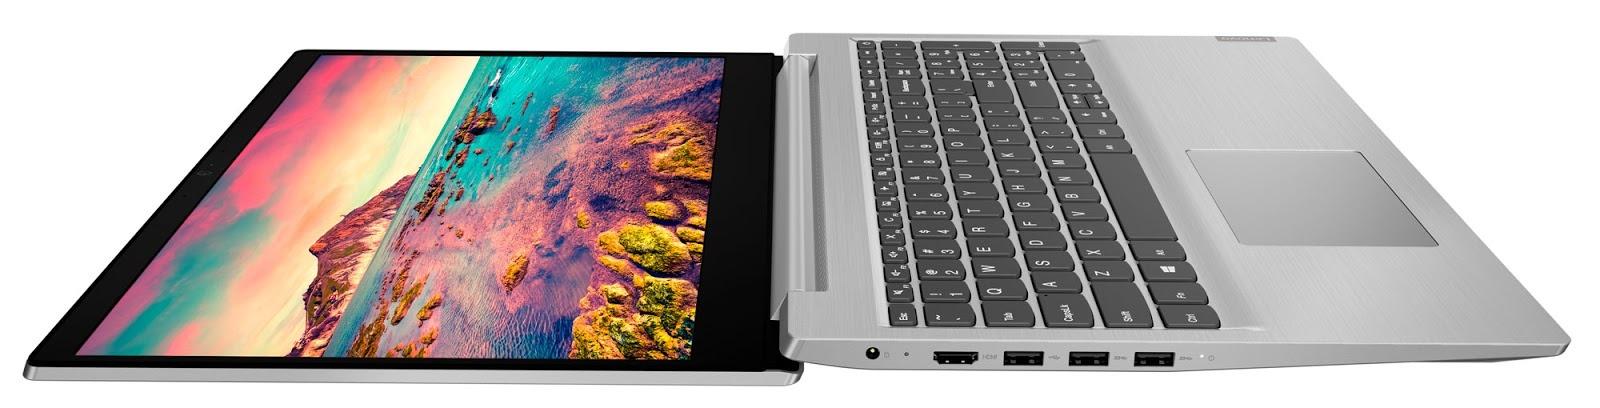 Фото 2. ноутбука ideapad S145-15API Platinum Grey (81UT00MLRE)